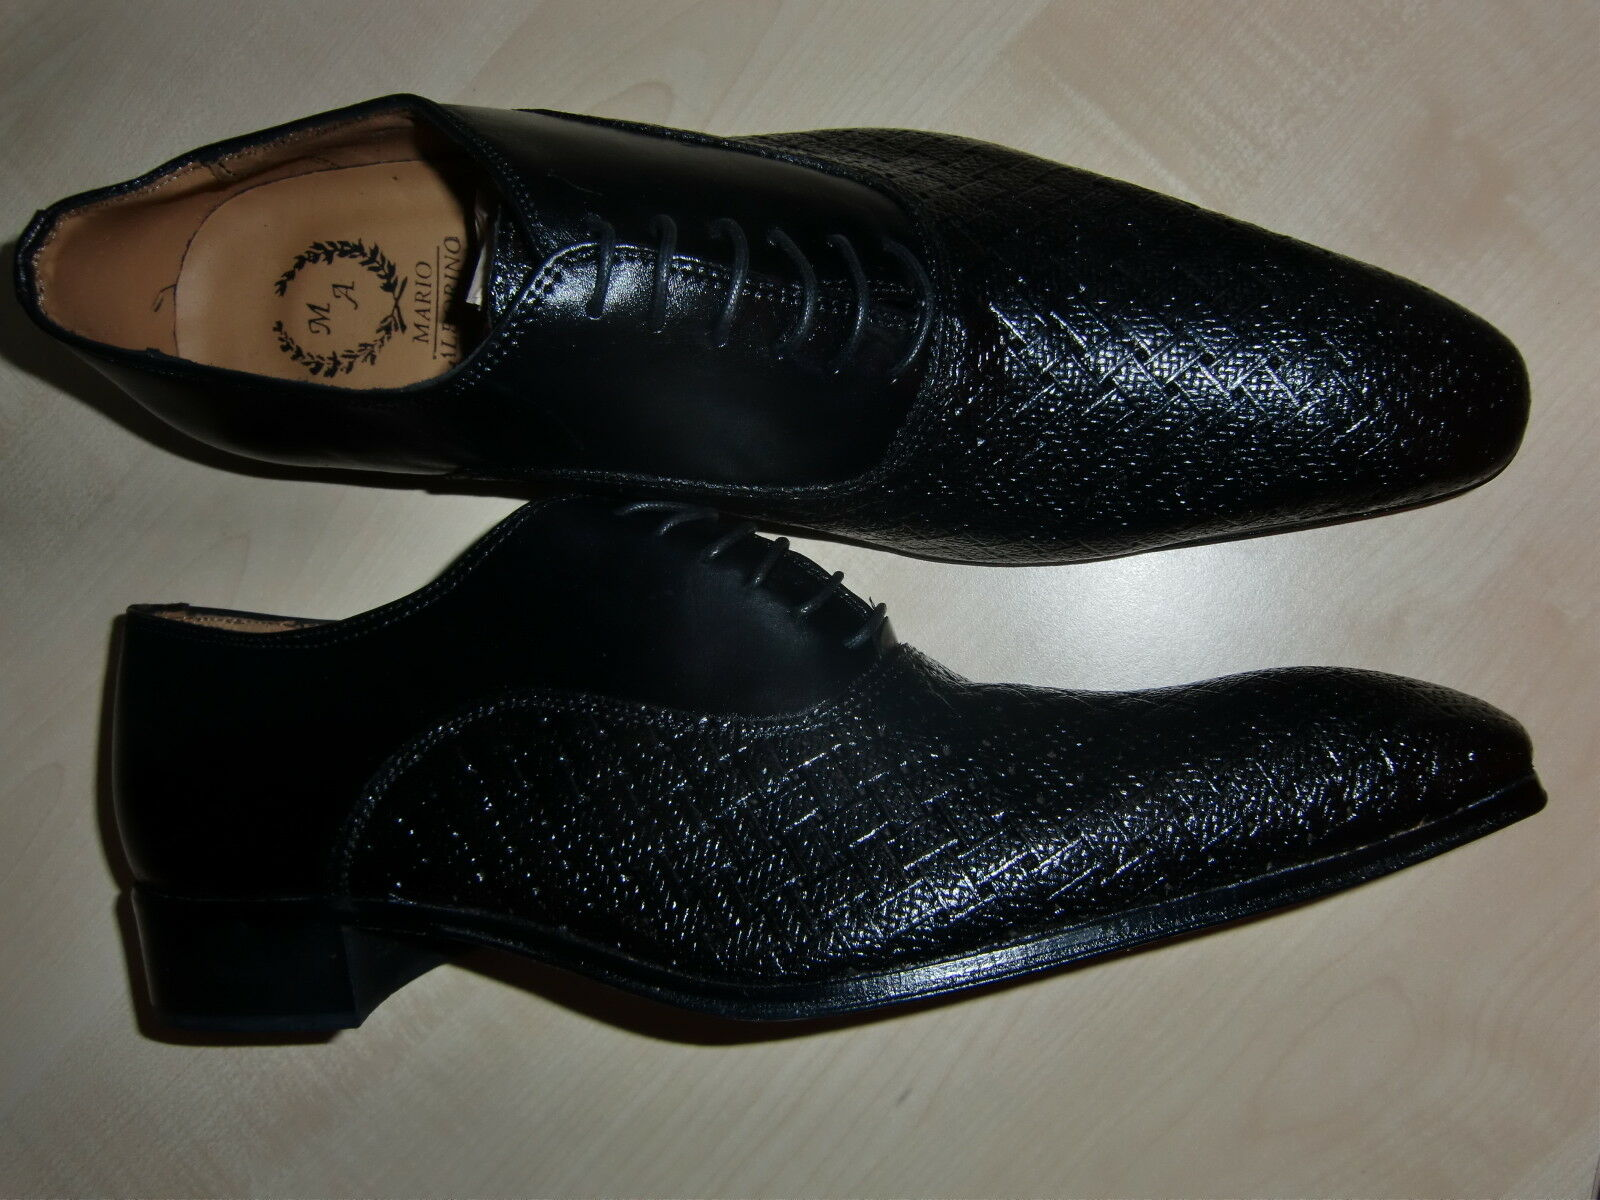 Mario Alborino, eleganter Schnürschuh für Herren, Gr. 44, schwarz, Leder, neu